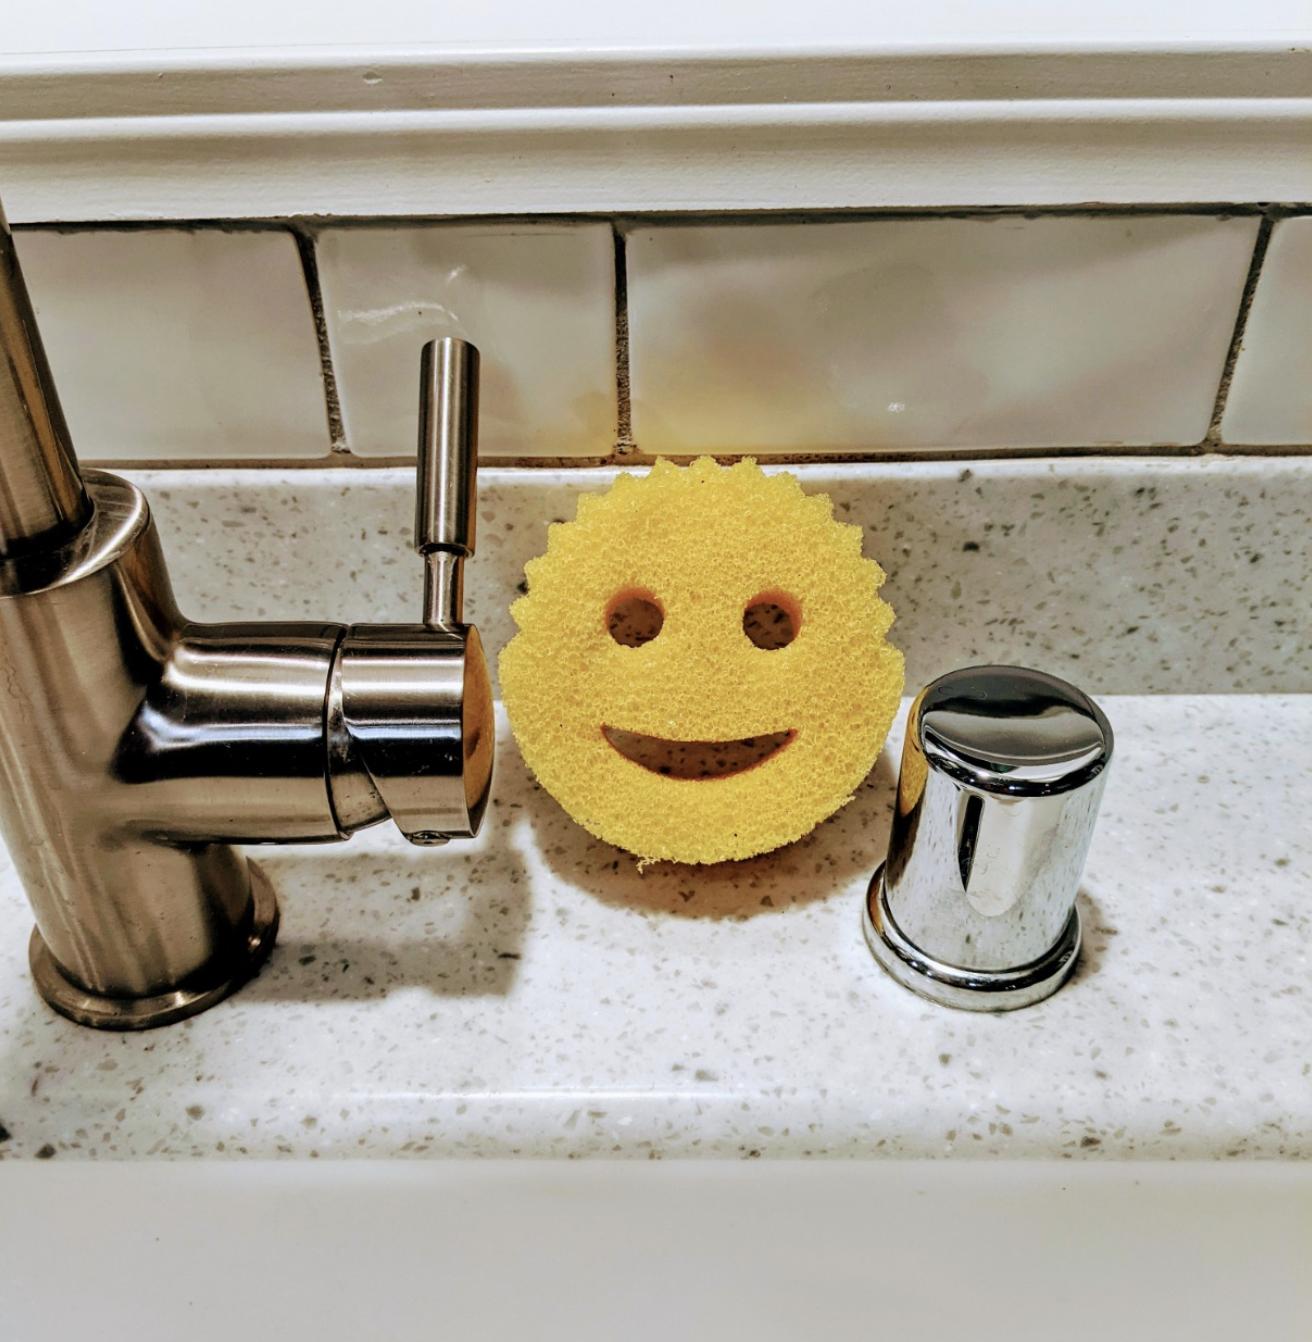 the textured sponge sitting next to a kitchen sink